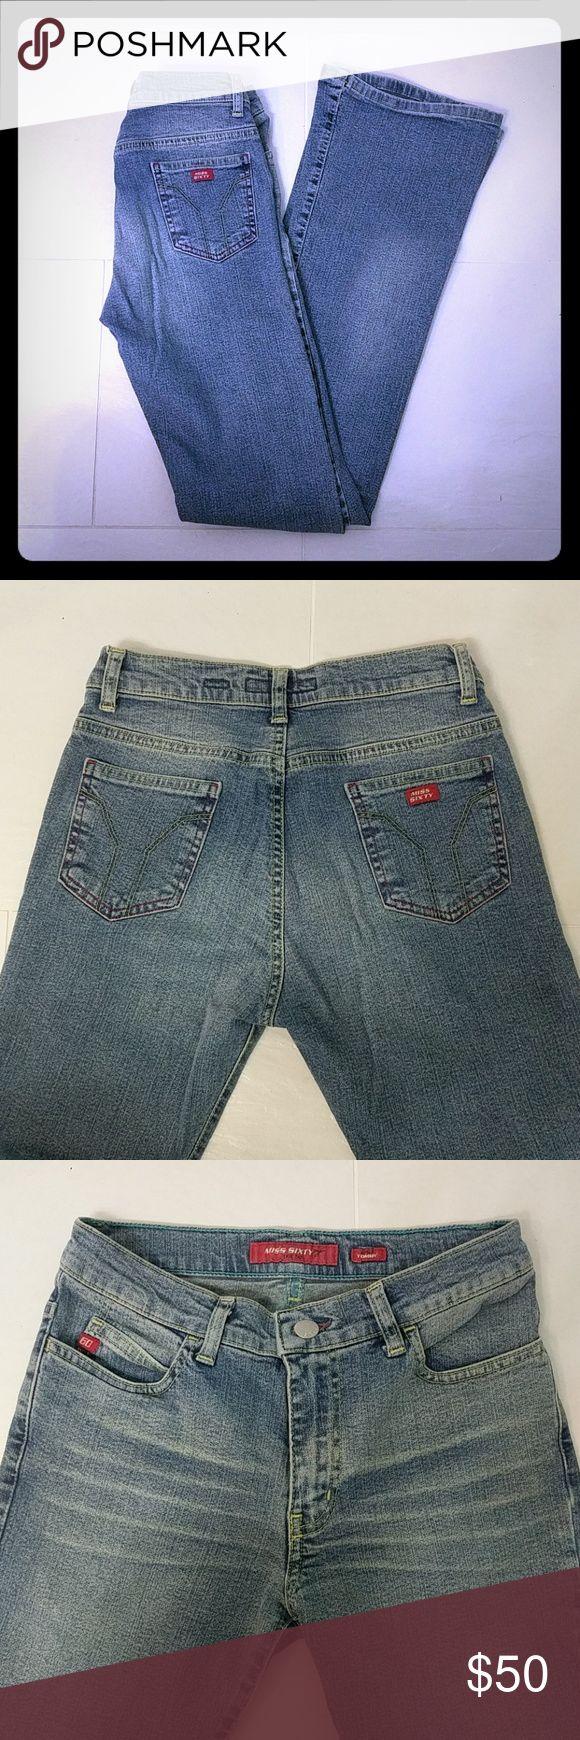 Faded Blue Denim Miss Sixty Jeans Boot cut jeans by Miss Sixty. Faded blue look with working pockets. Miss Sixty Jeans Boot Cut